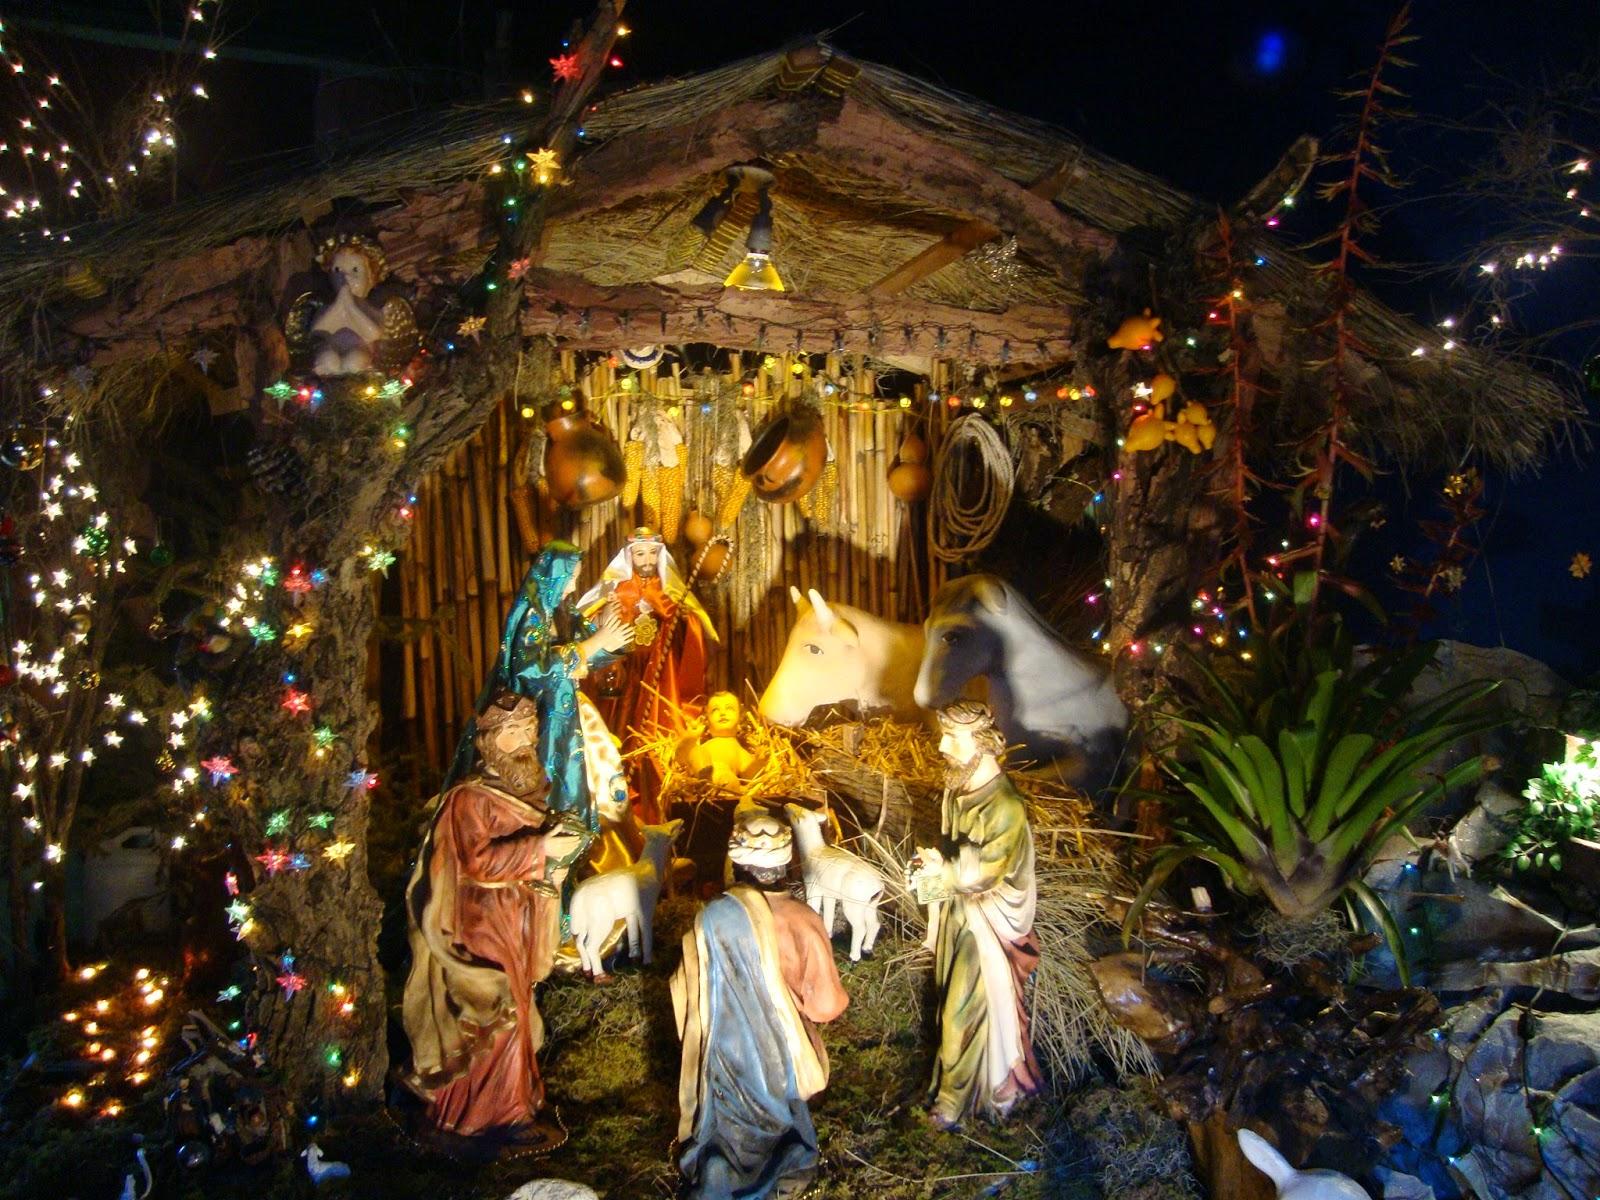 Decoracion de nacimientos navide os parte 3 - Decoracion adornos navidenos ...